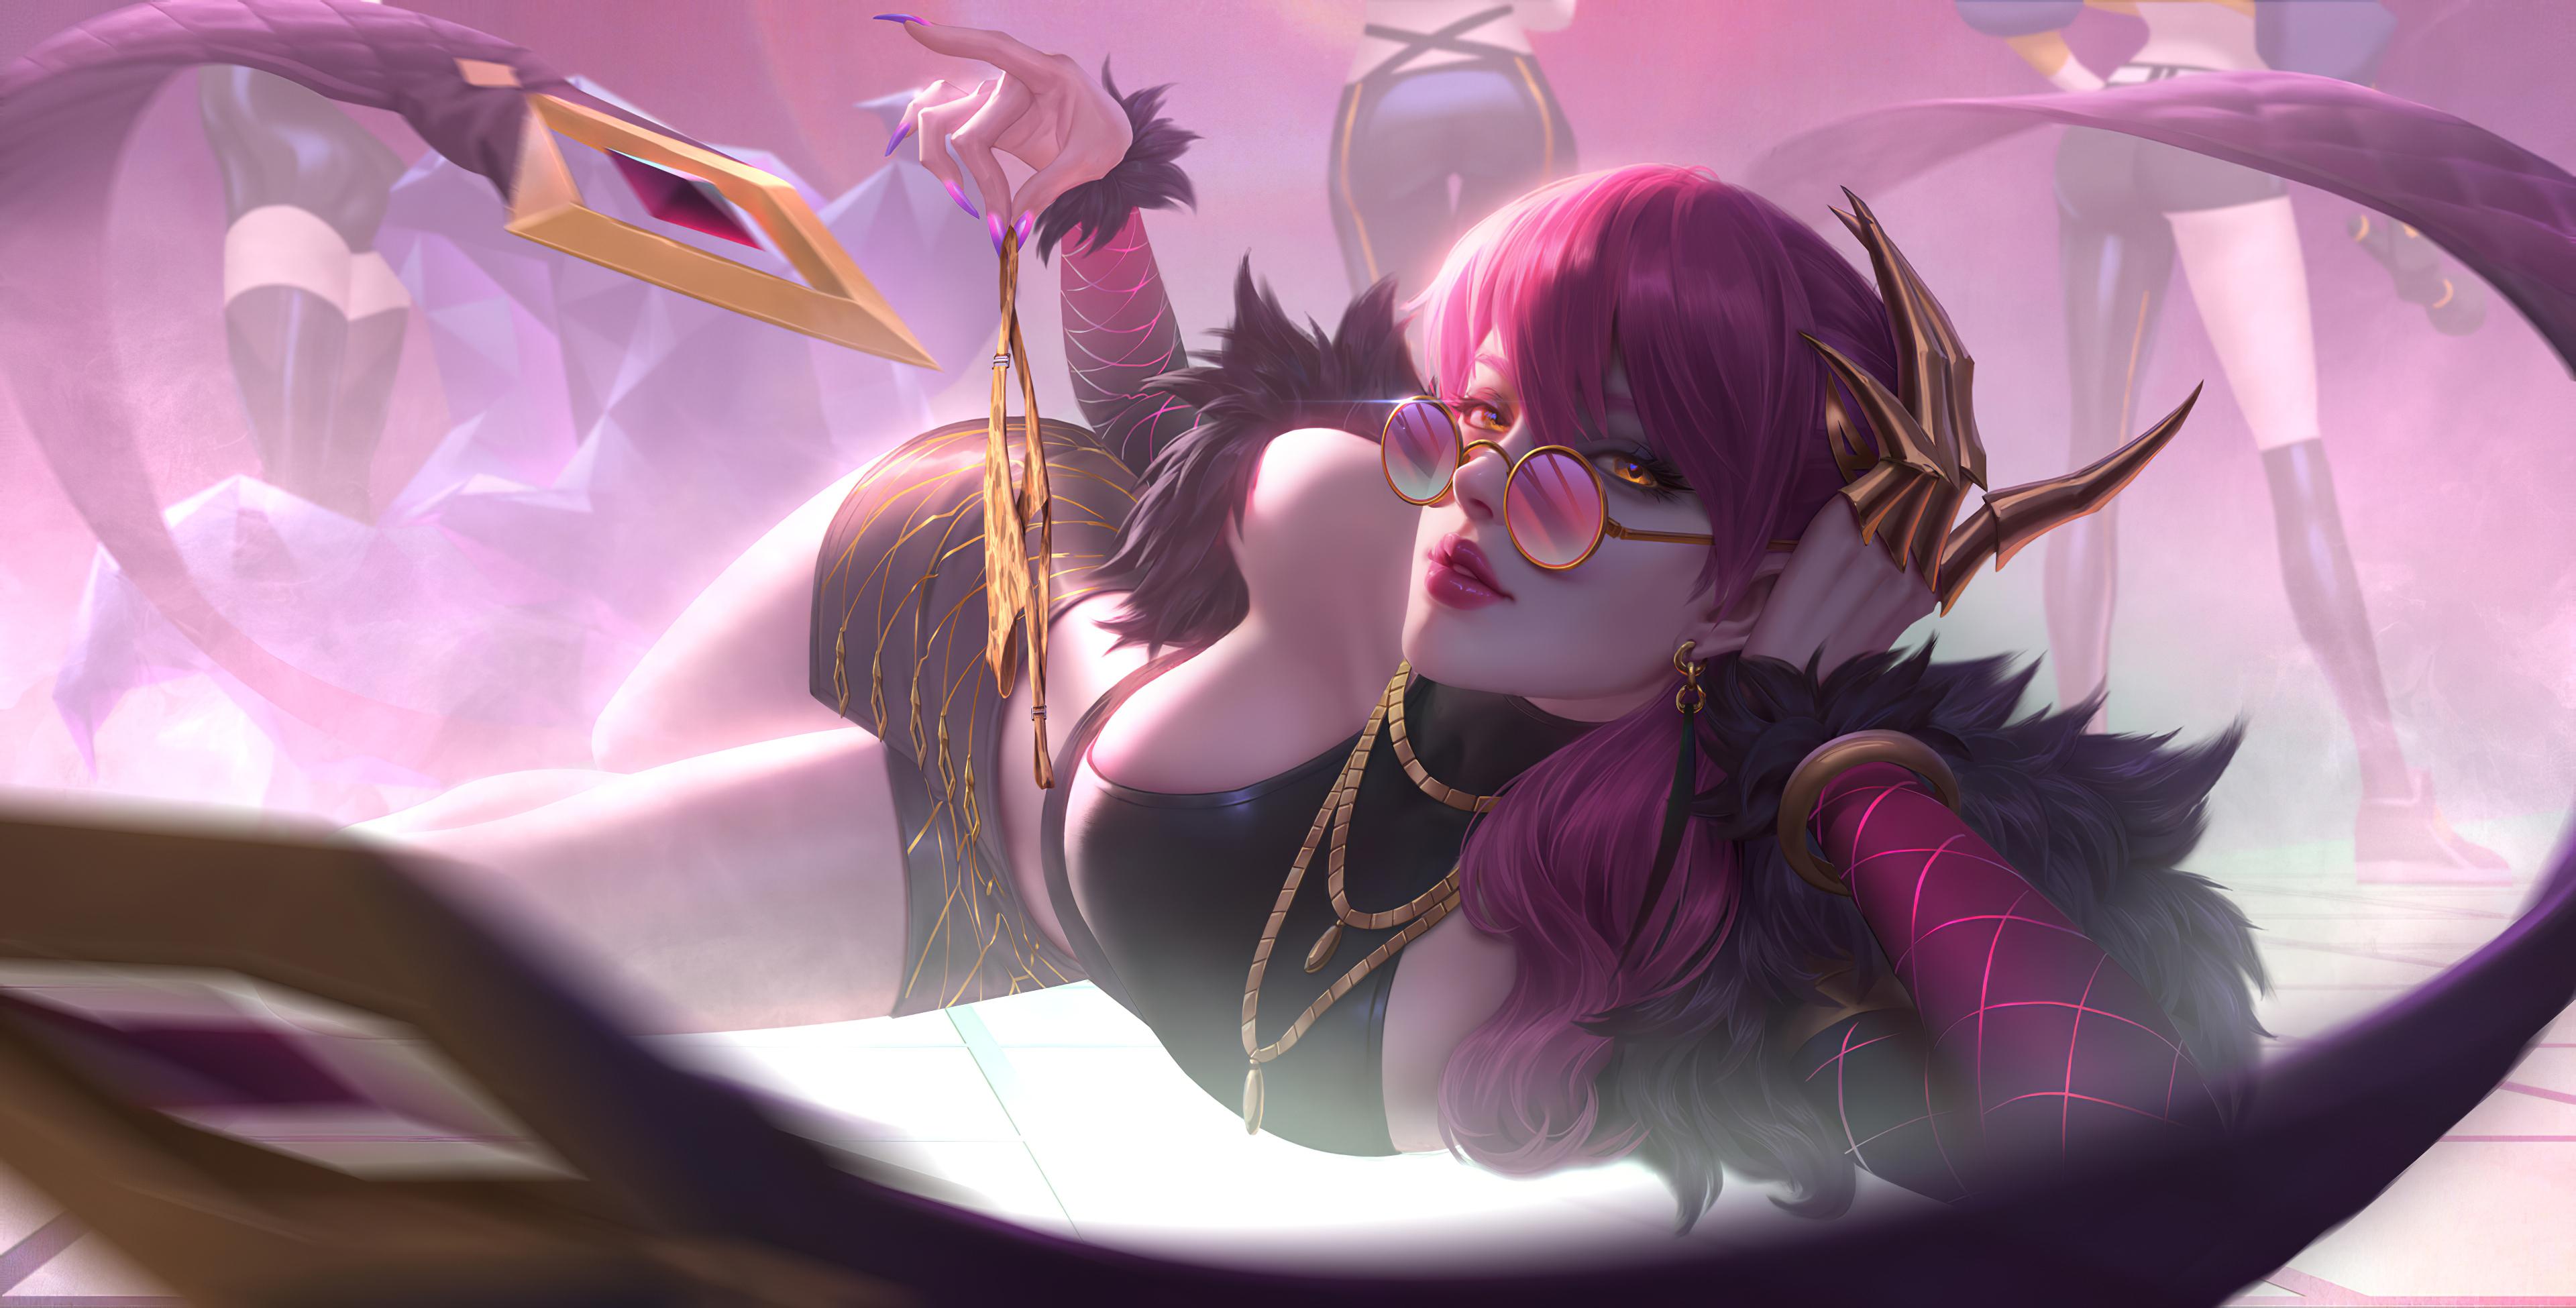 League Of Legends Kda Evelynn , HD Wallpaper & Backgrounds